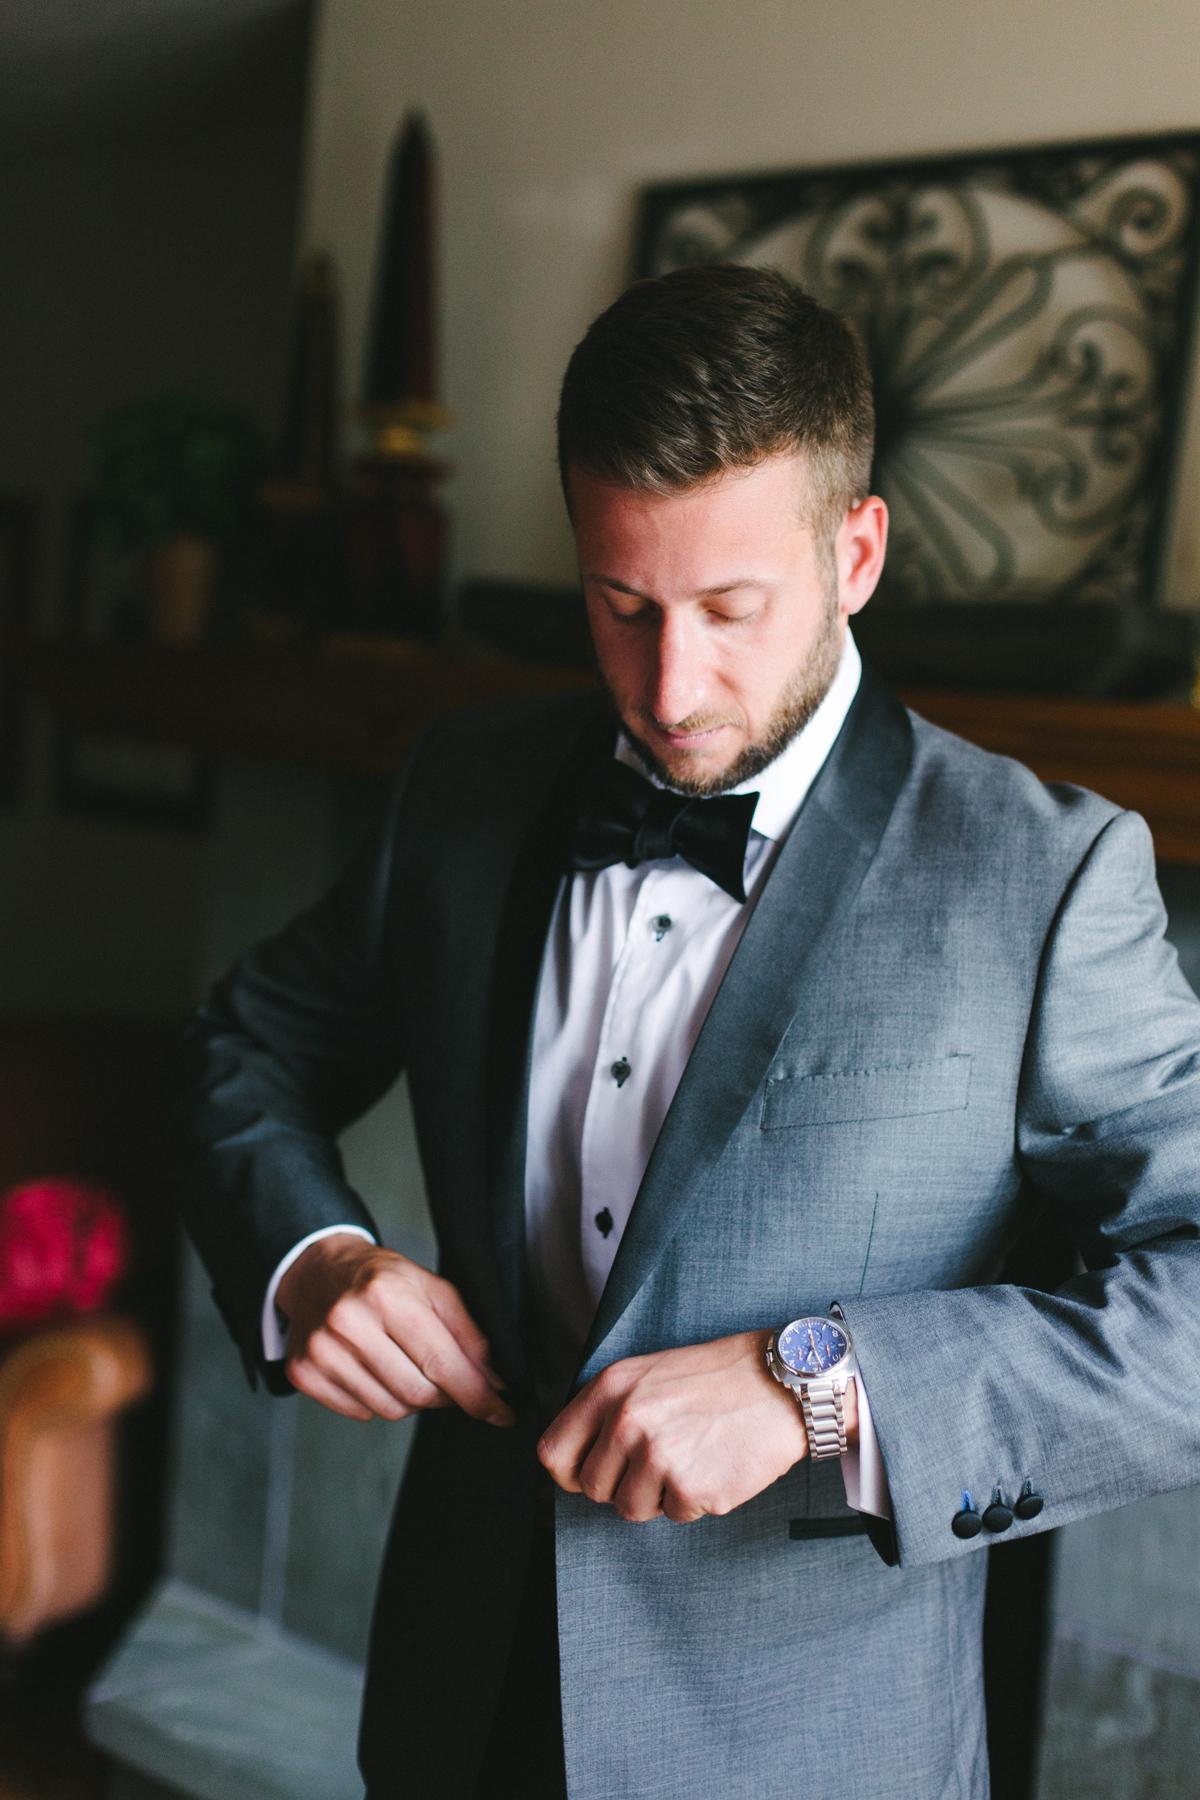 051-beaver-creek--groom-suit--wedding-photography--black-and-white--park-hyatt.jpg